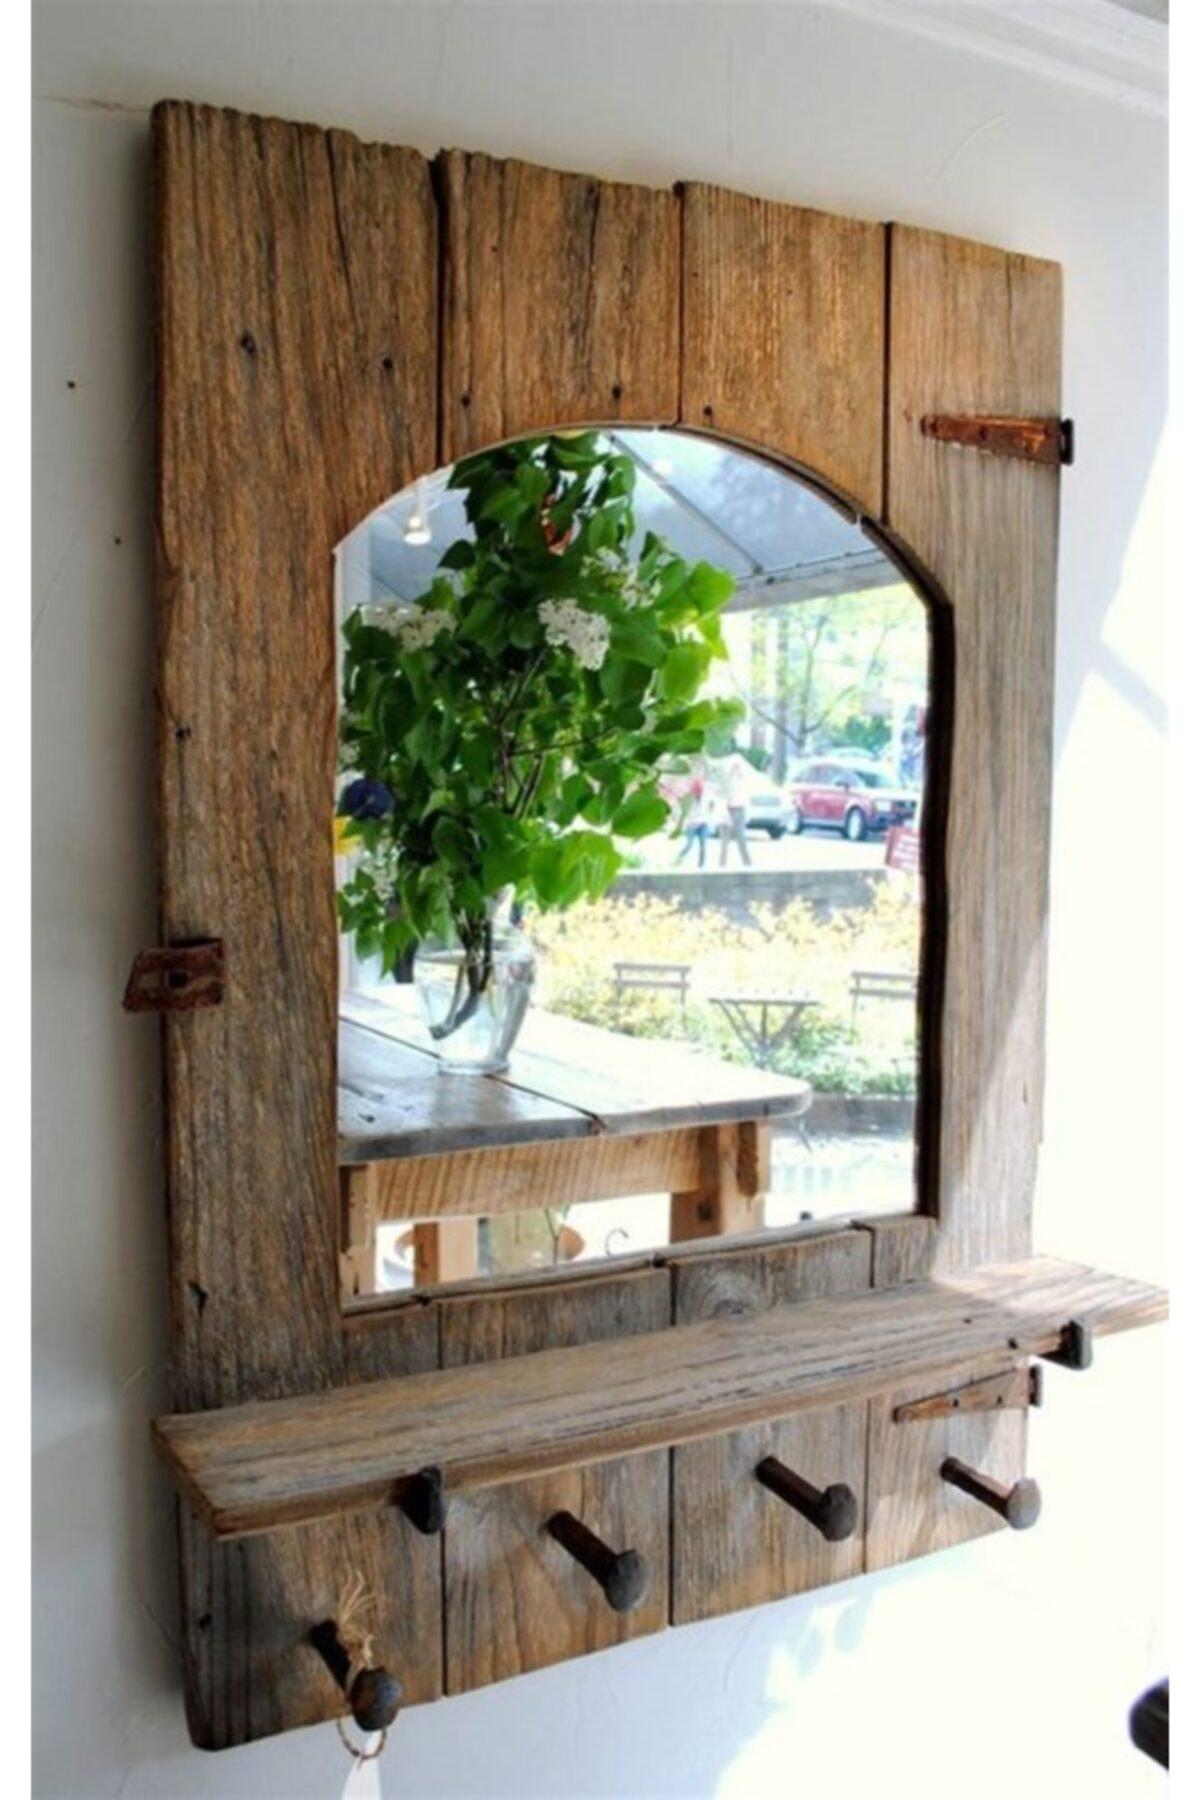 Evmingo Ağaç Aynalı Askı & Raf 65x48cm 1